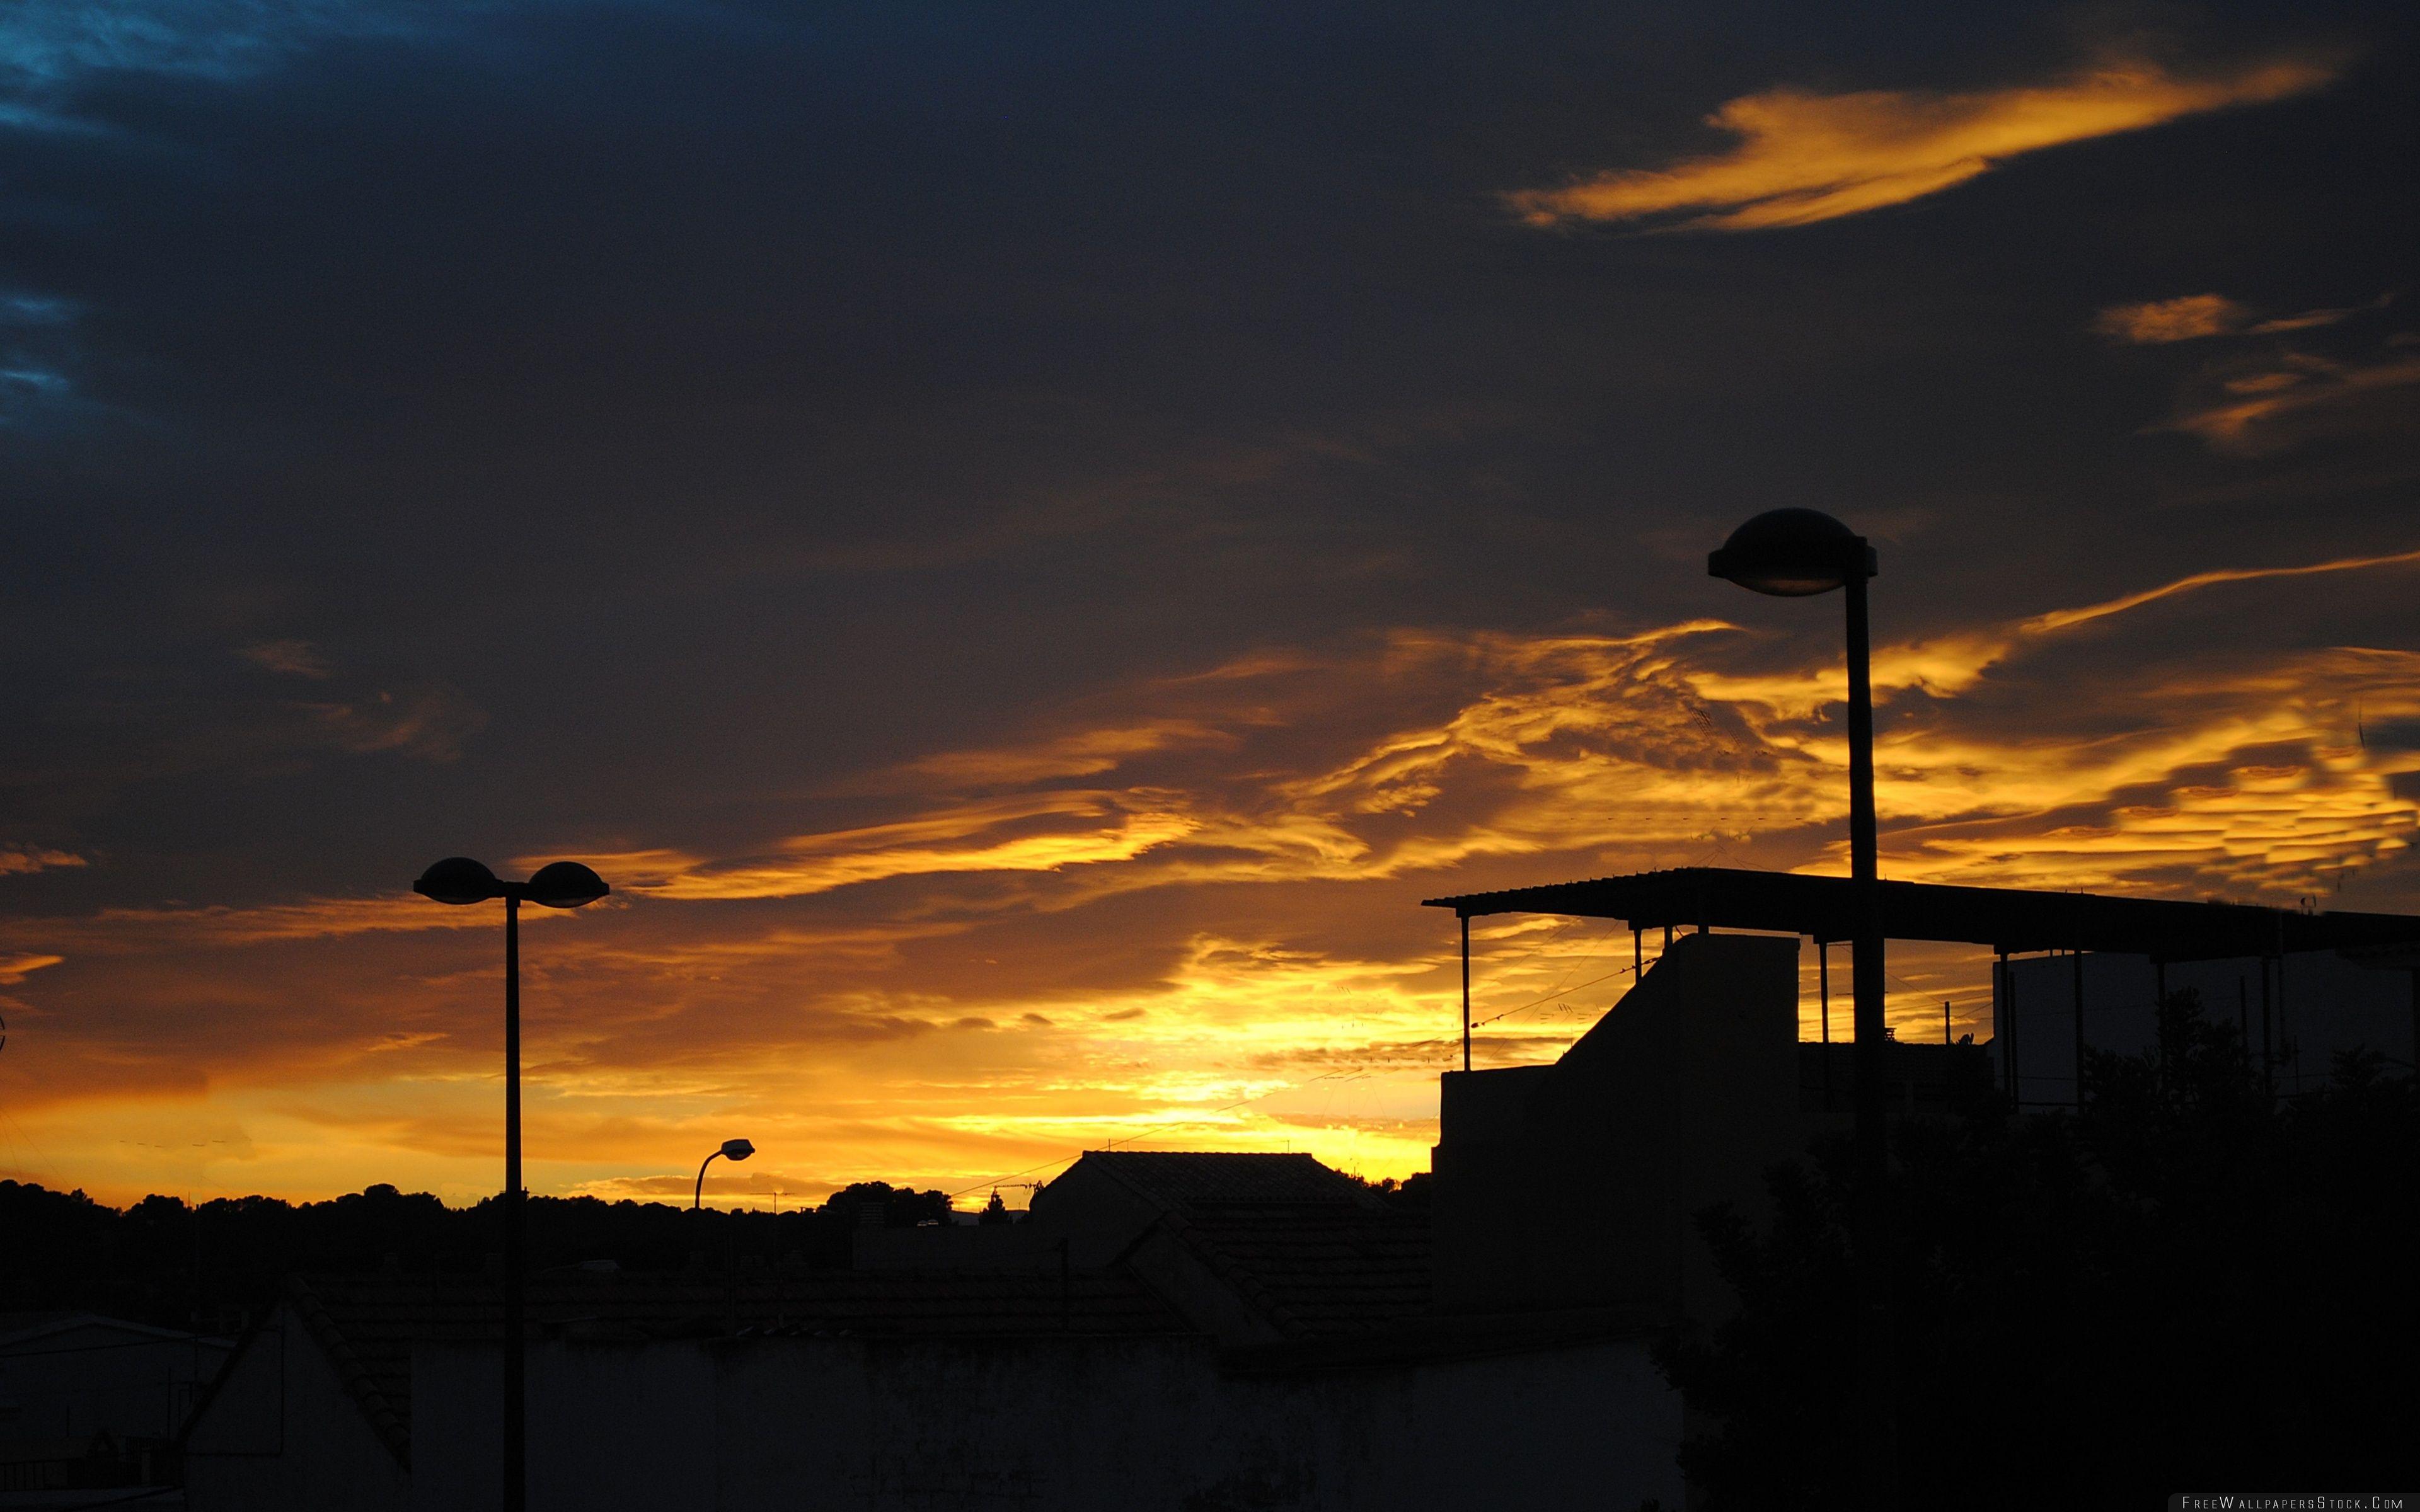 Download Free Wallpaper Village Sunset